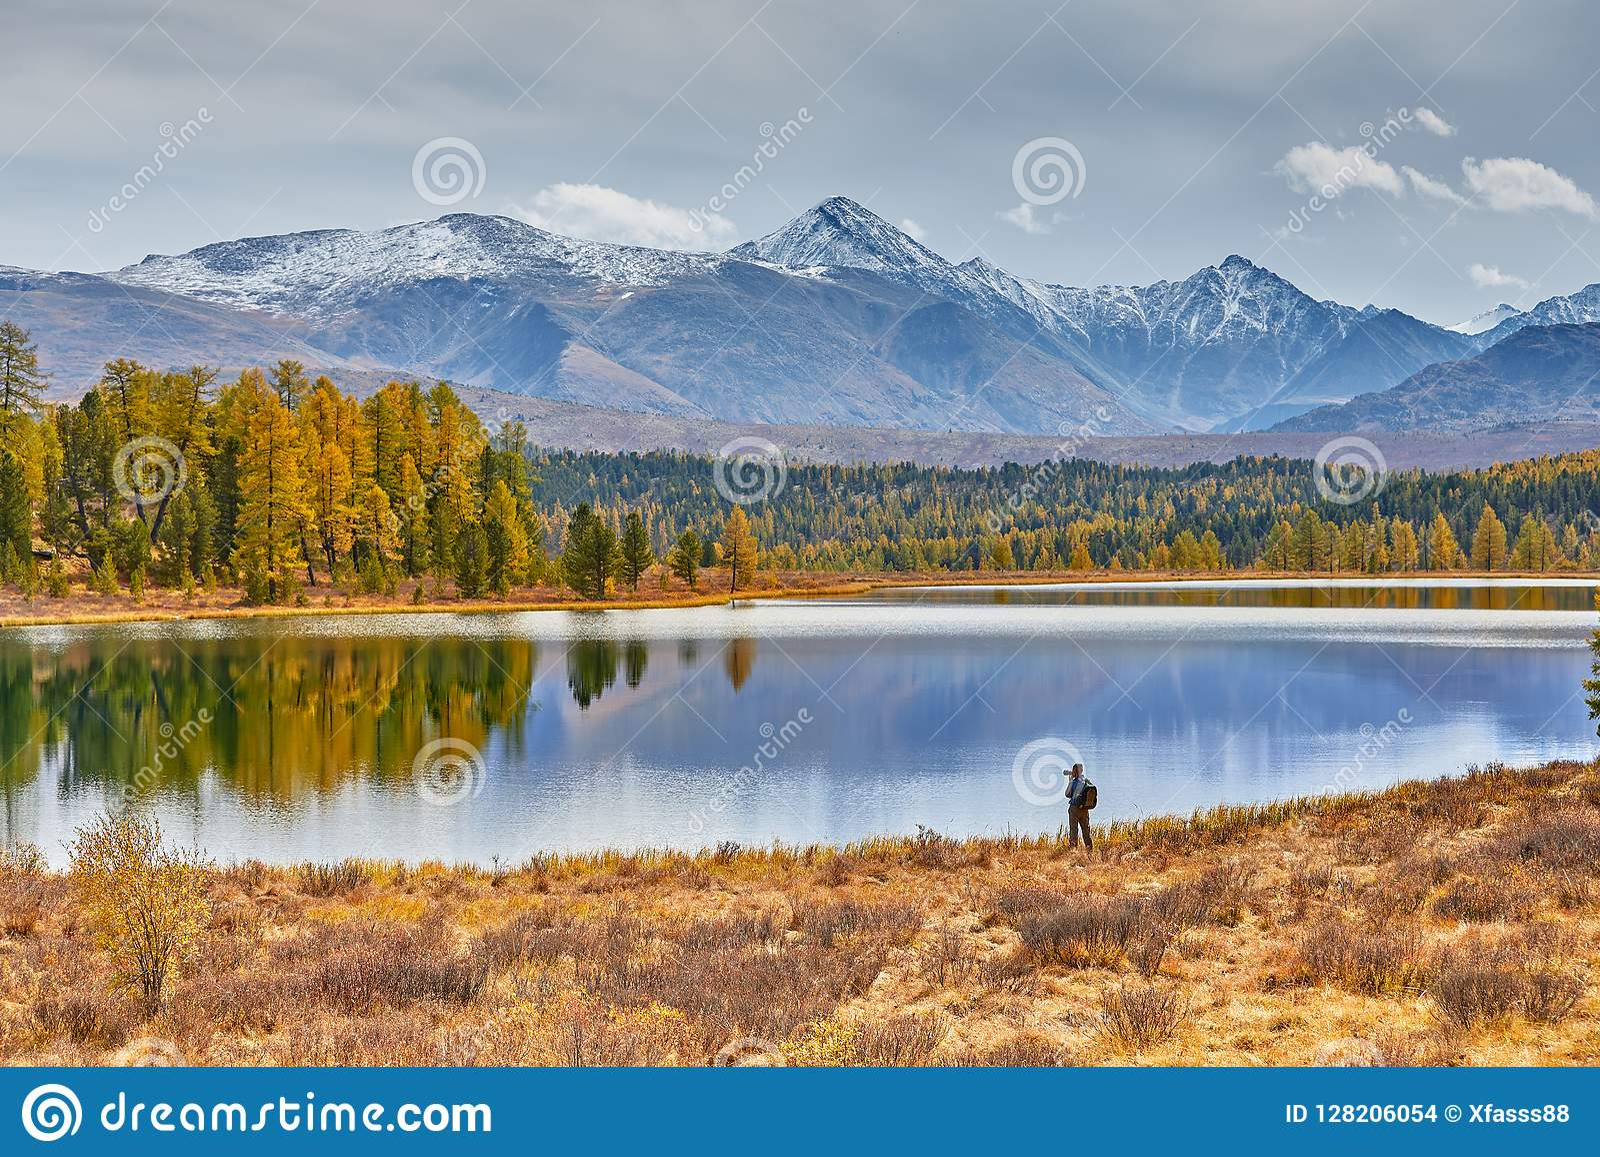 Campo en las montañas por el lago Paisaje hermoso del otoño El fotógrafo camina a lo largo de la orilla y hace tiros de